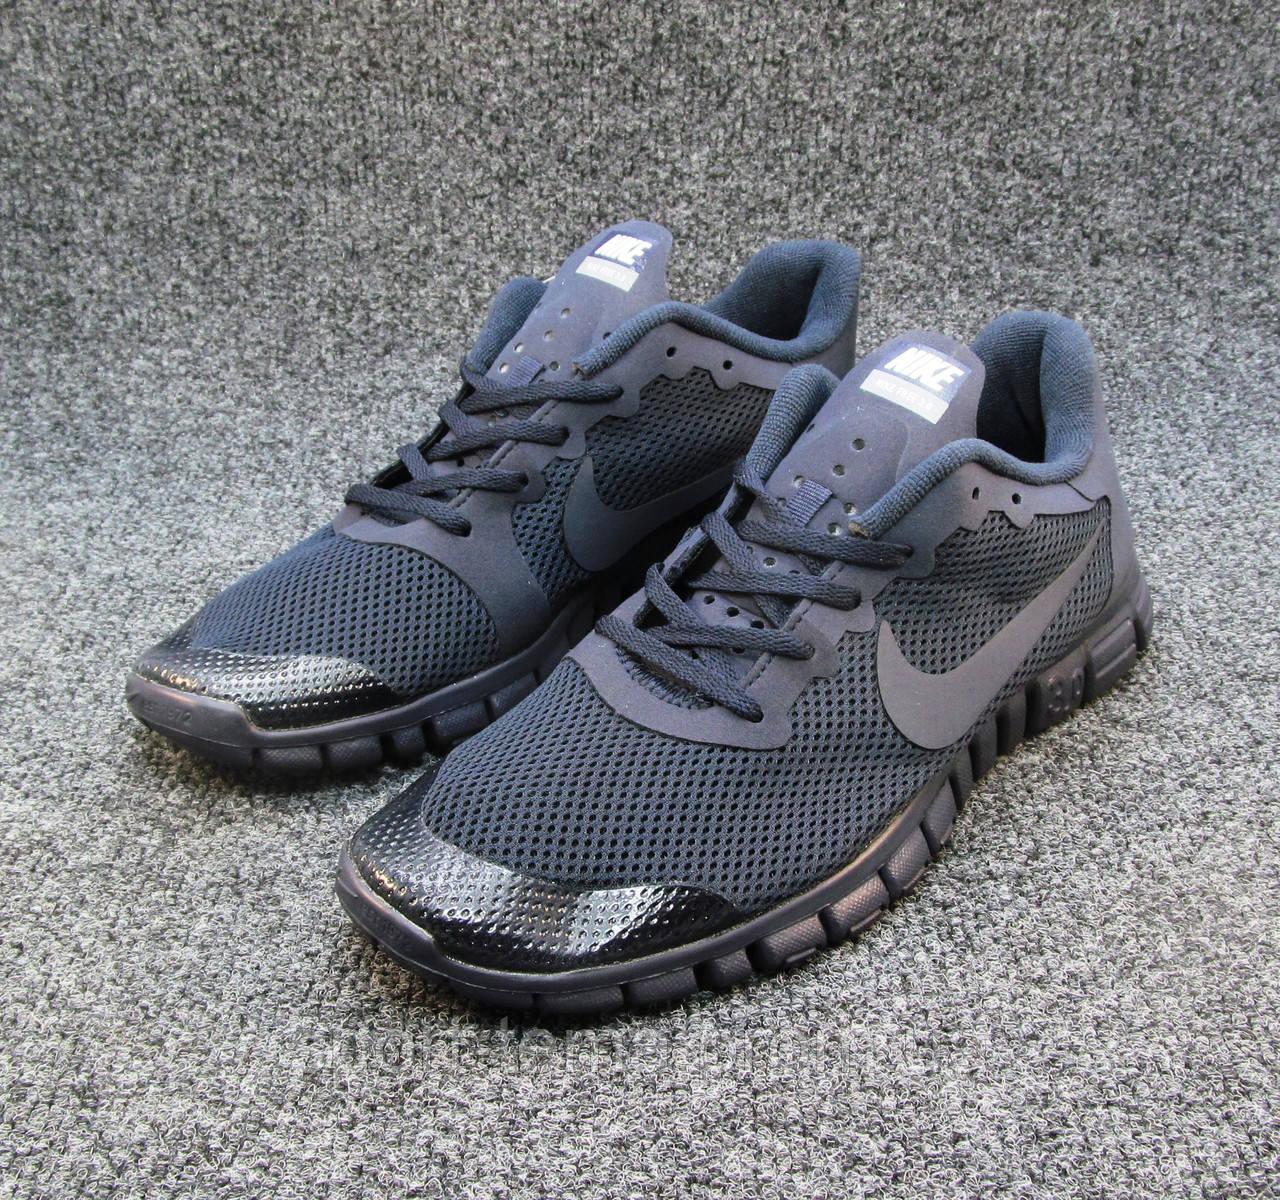 0d141231 Кроссовки мужские Nike Free Run 3.0 сетка синие (найк фри ран)(р.40 ...